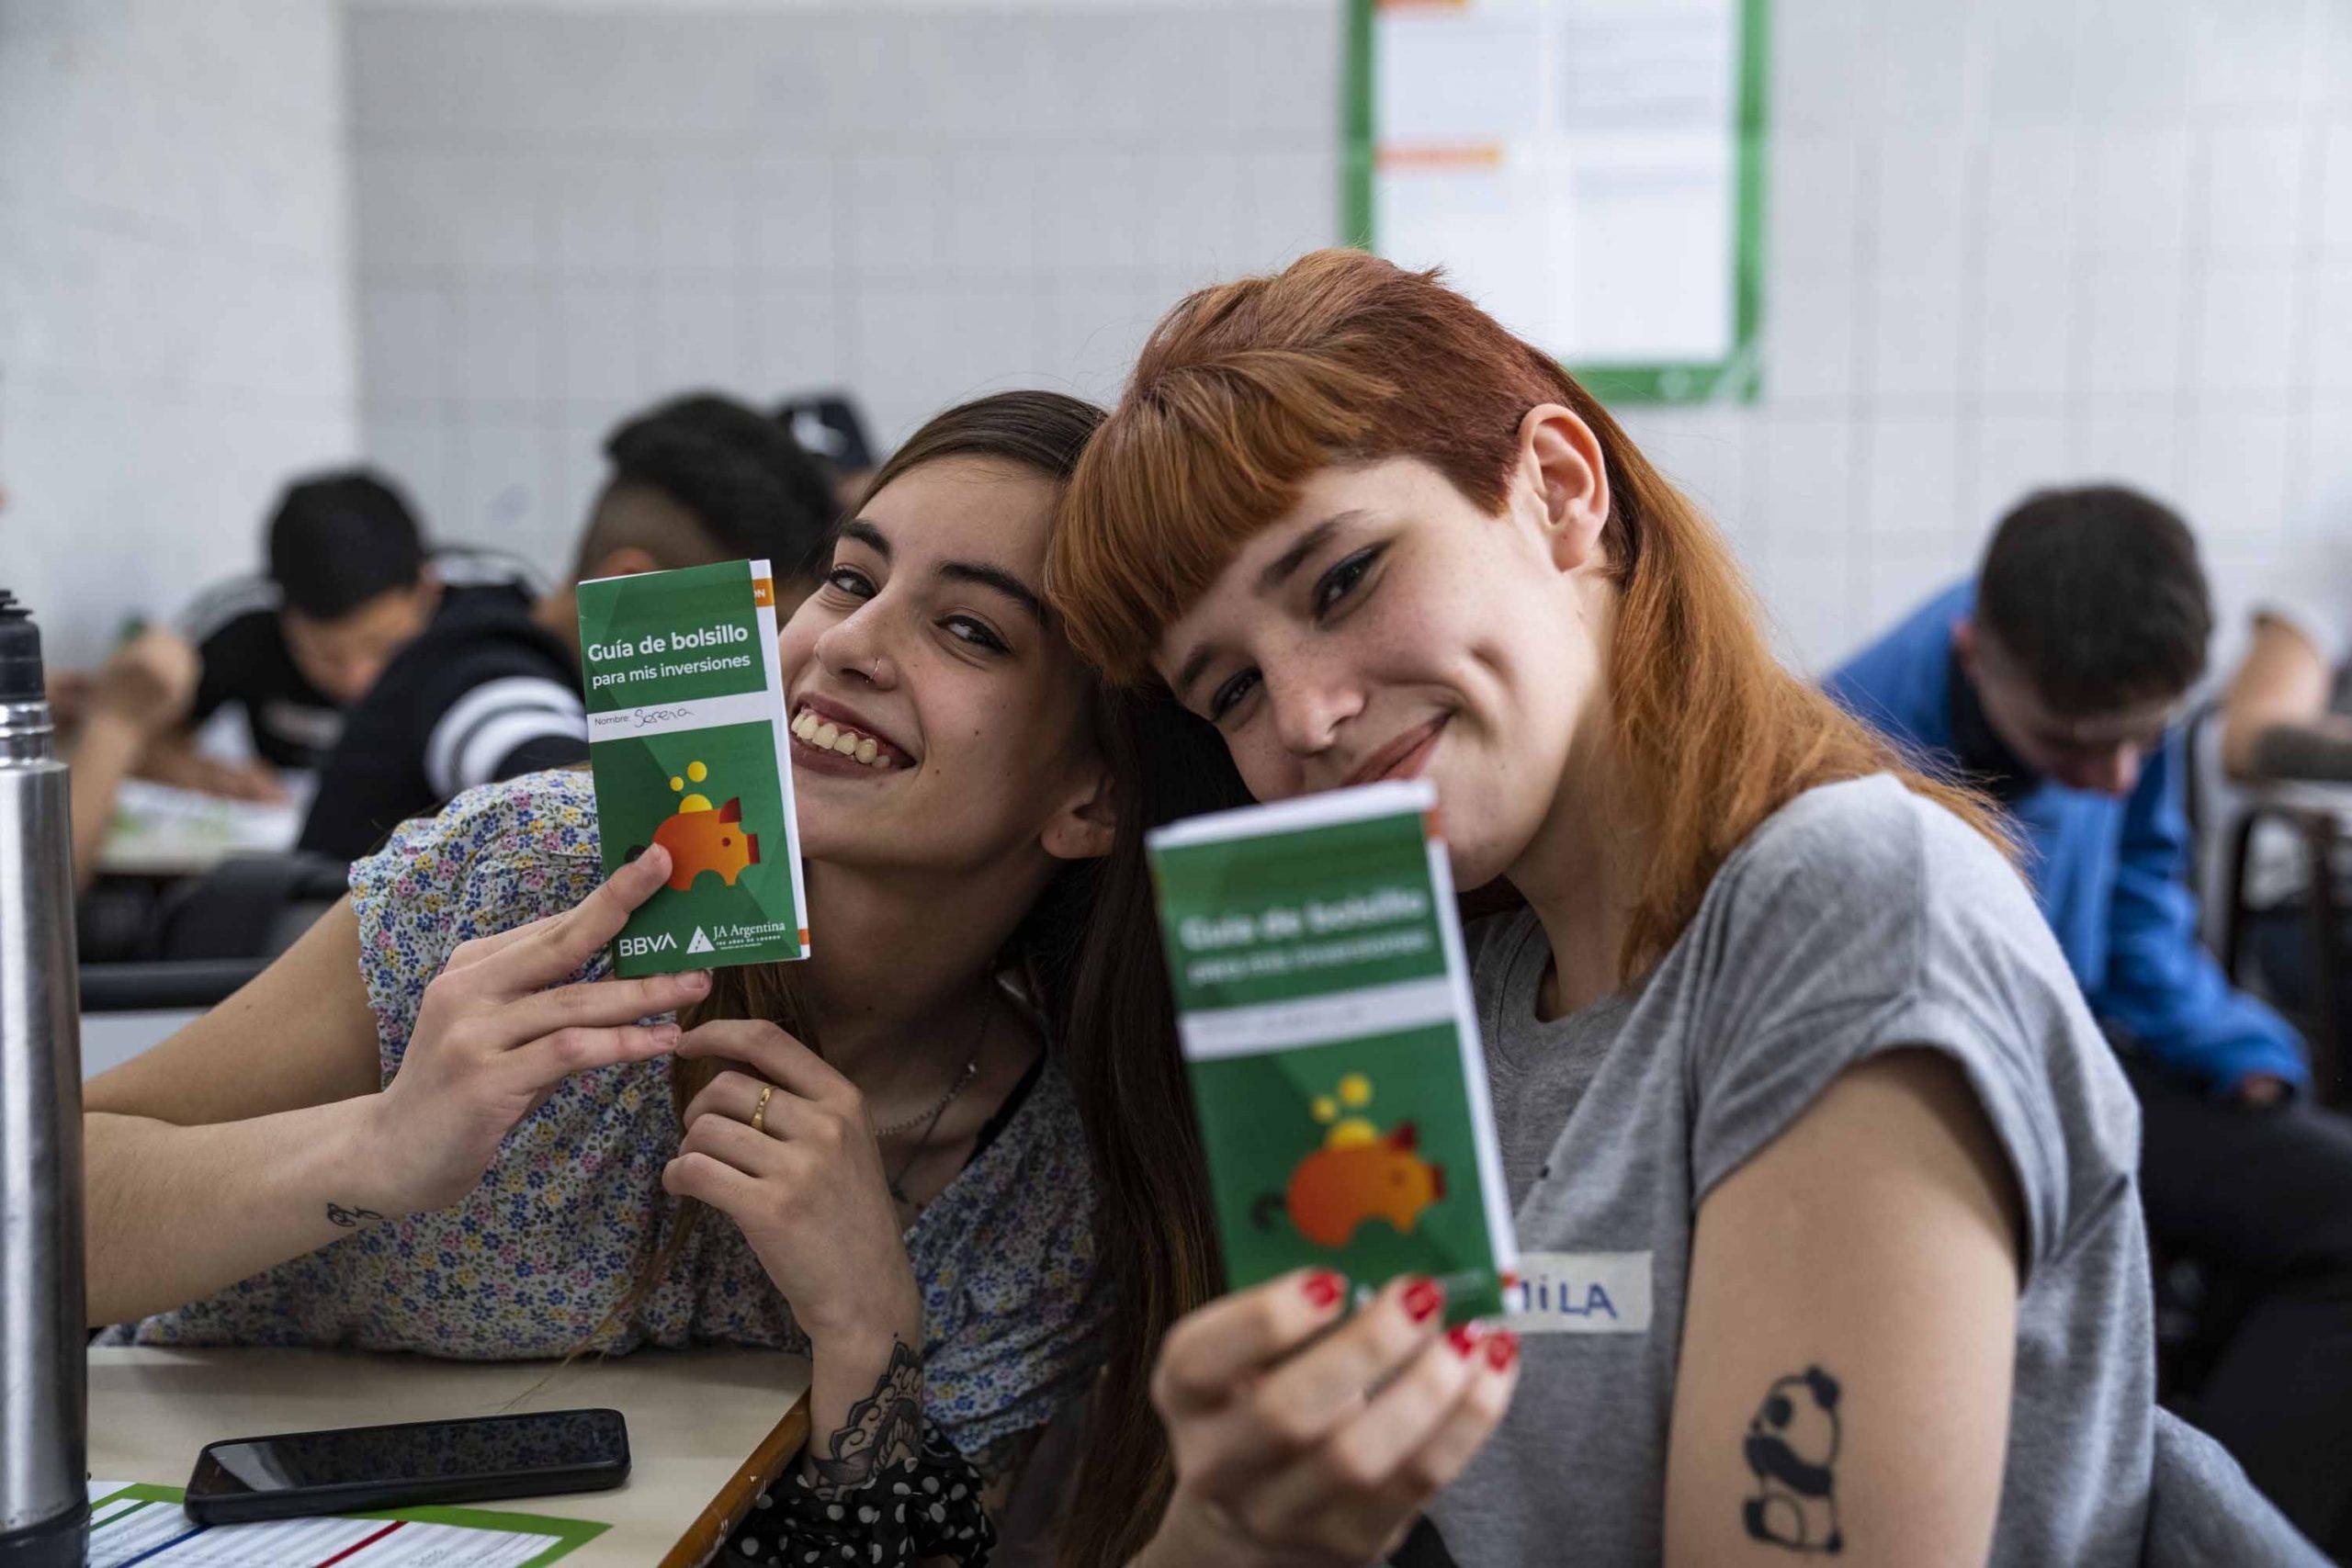 estudiantes con guías de bolsillo